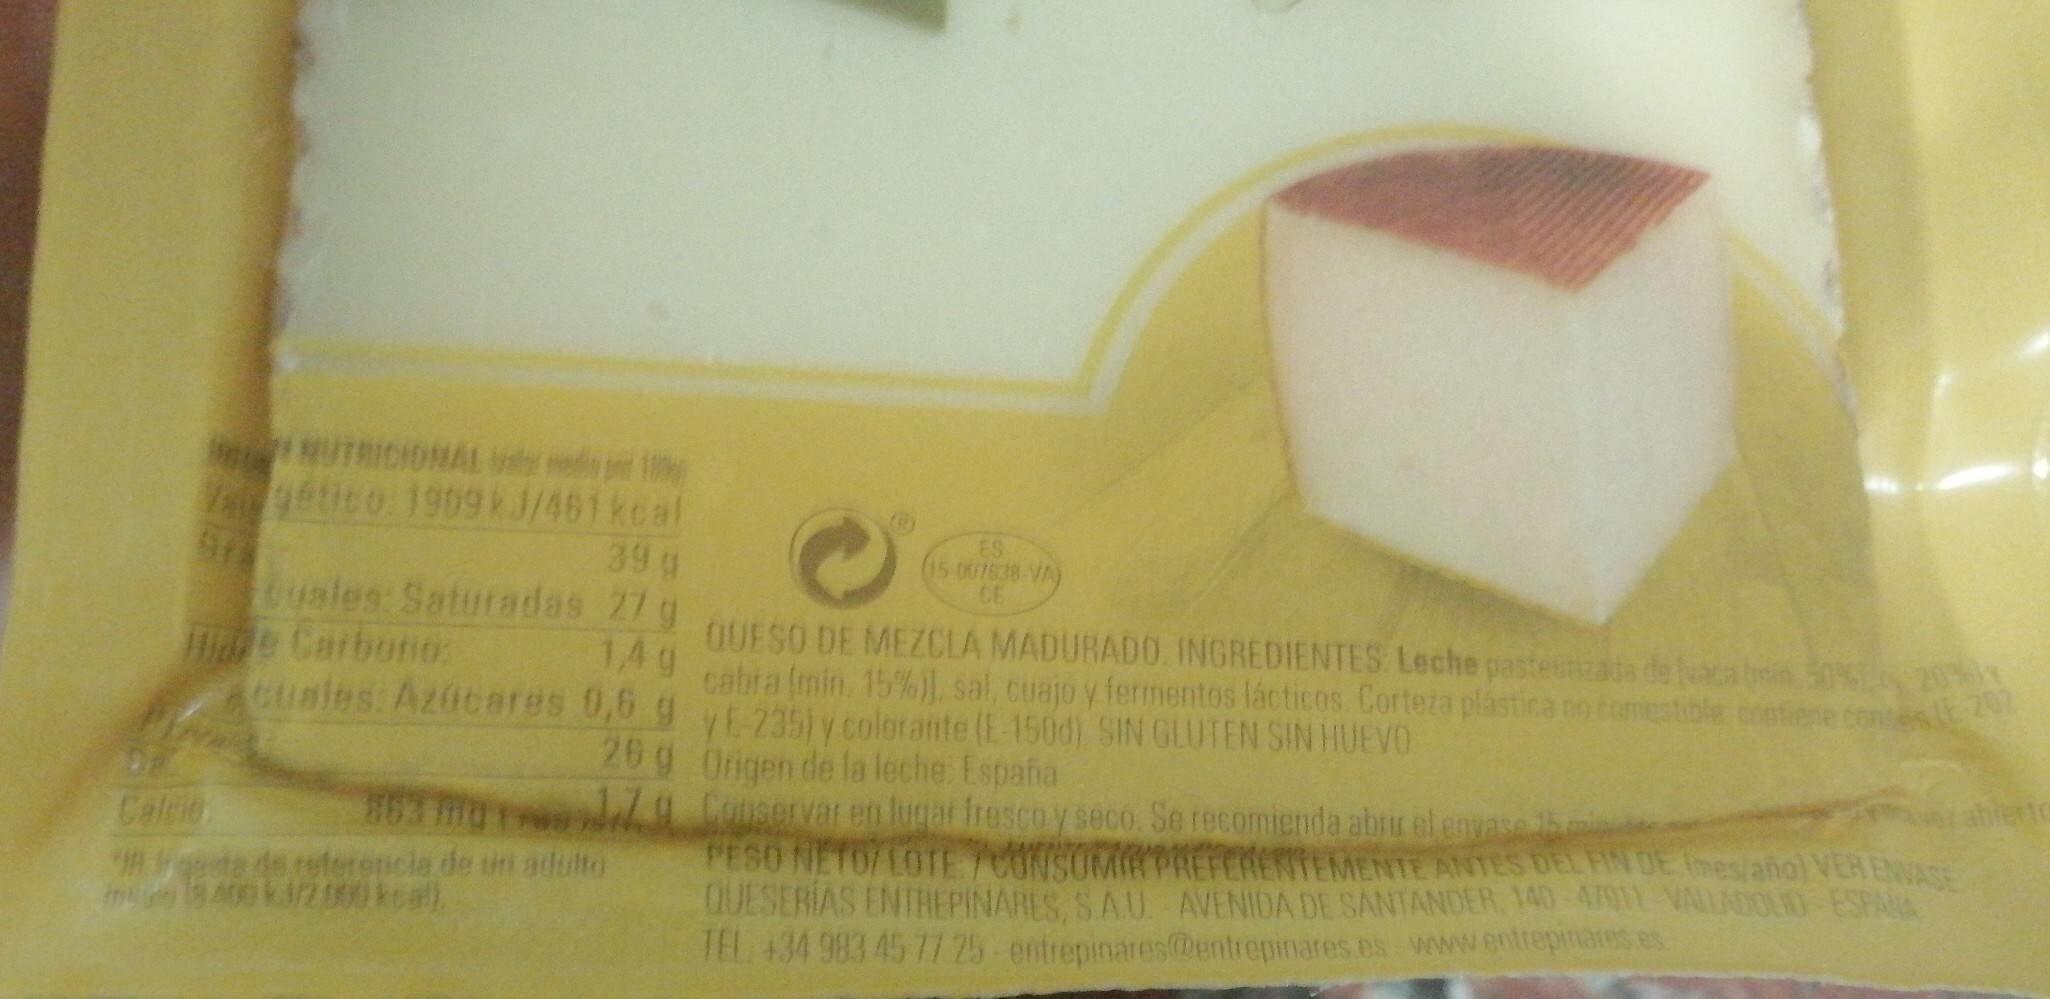 Queso viejo tostado del mercadona - Información nutricional